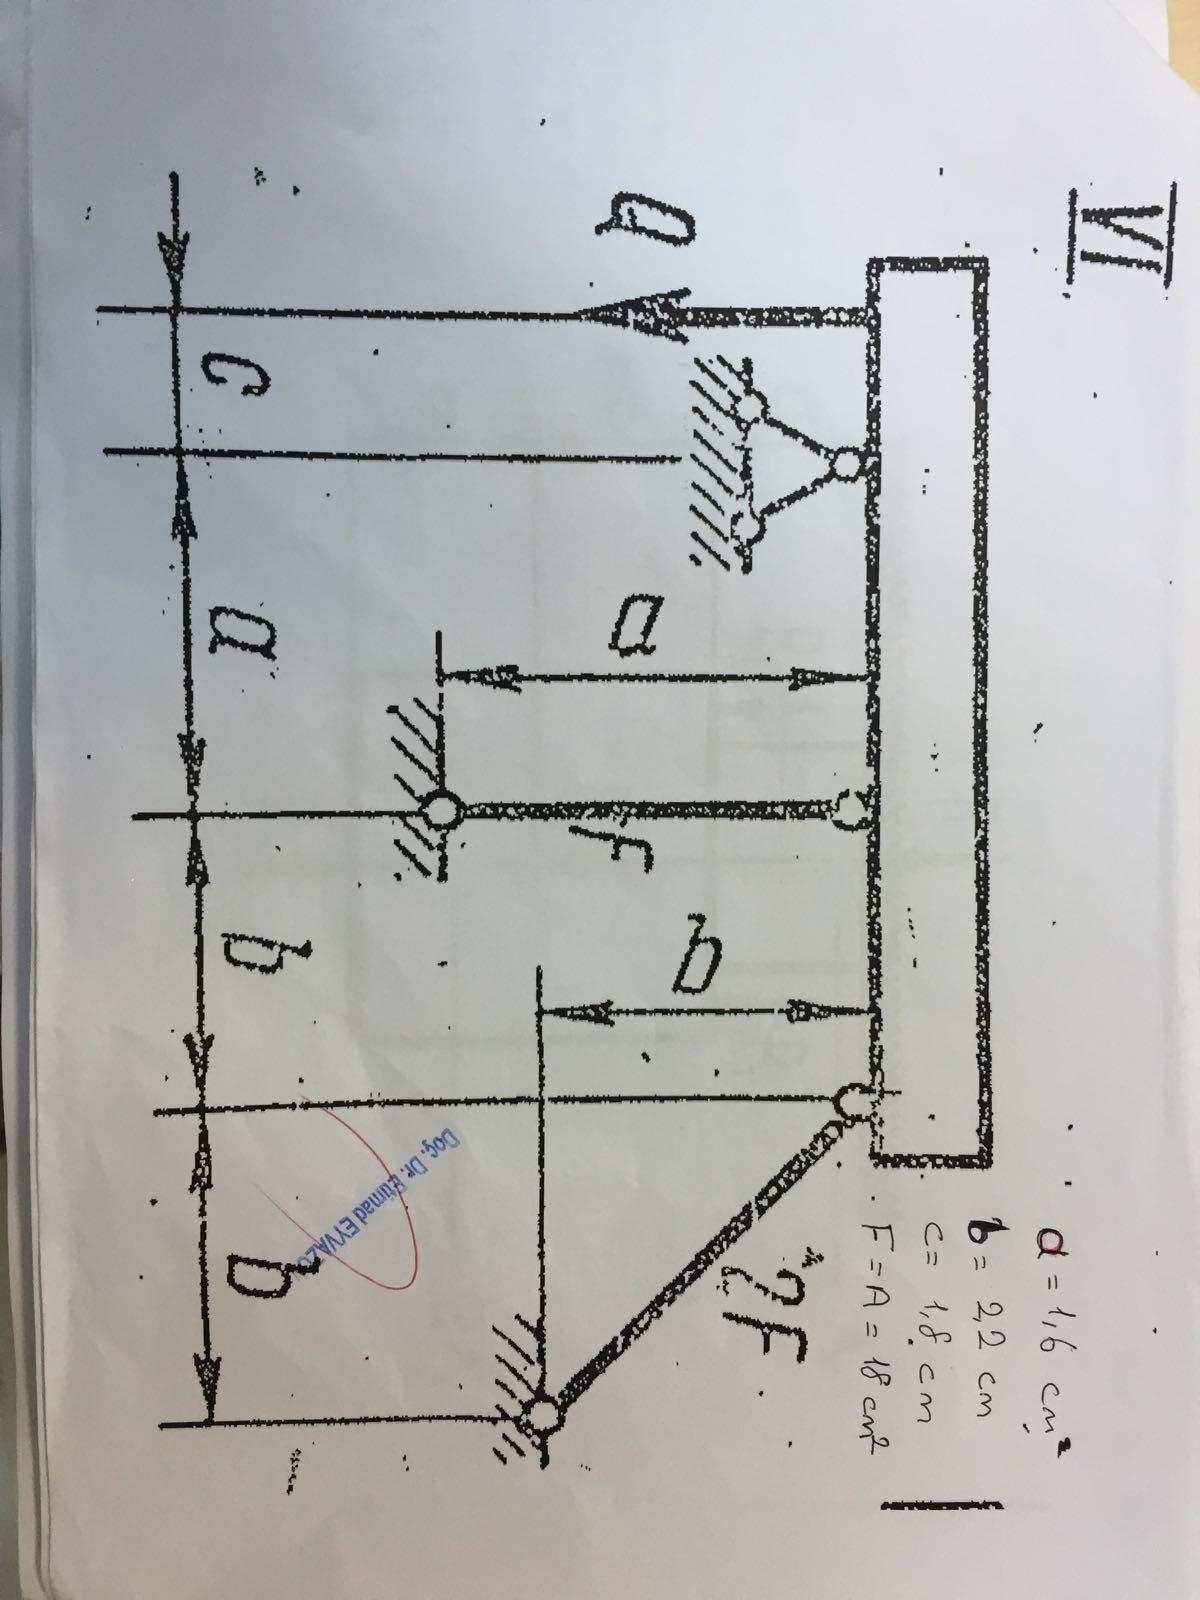 96e58d58-a1fd-4ae4-ae1e-3ab7ac4136d2.jpg